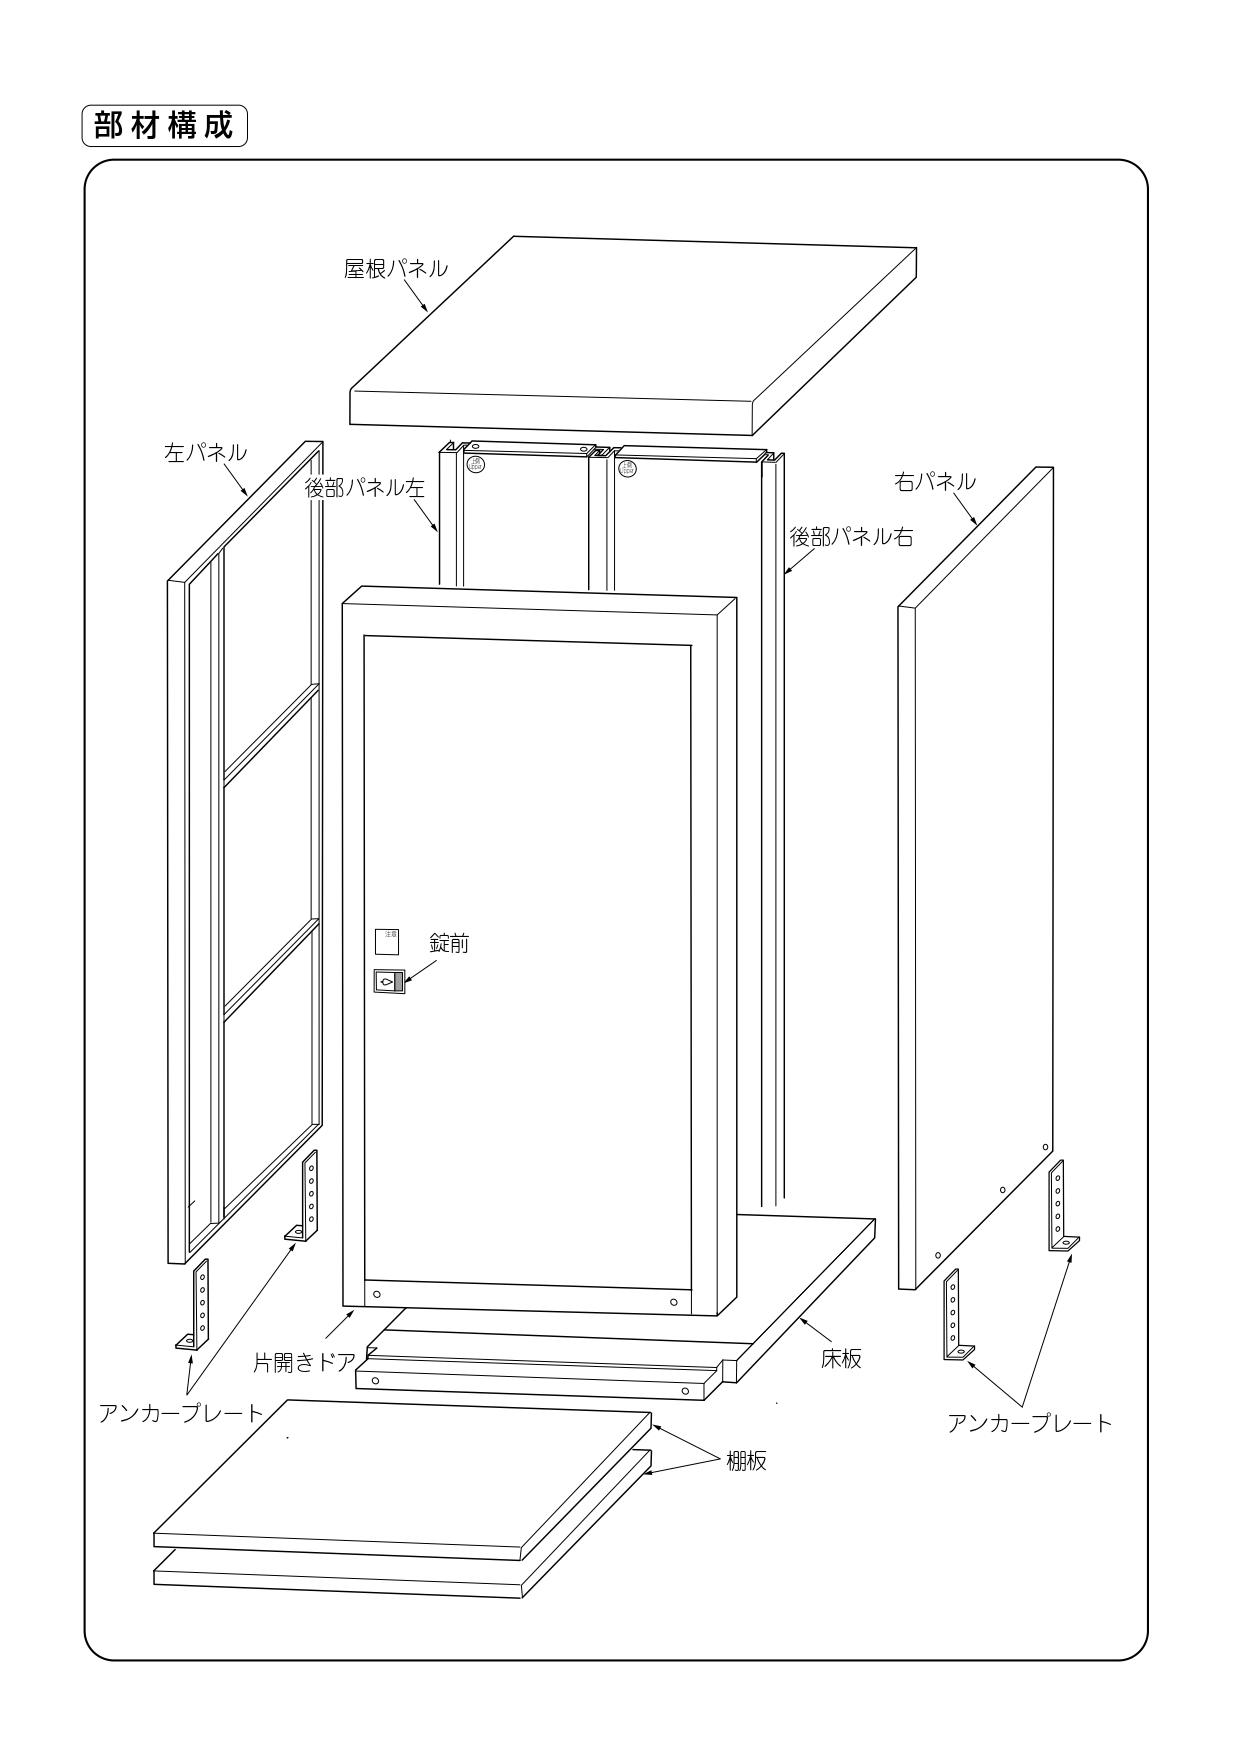 小型物置DM-GY099 組み立て説明書_page-0002